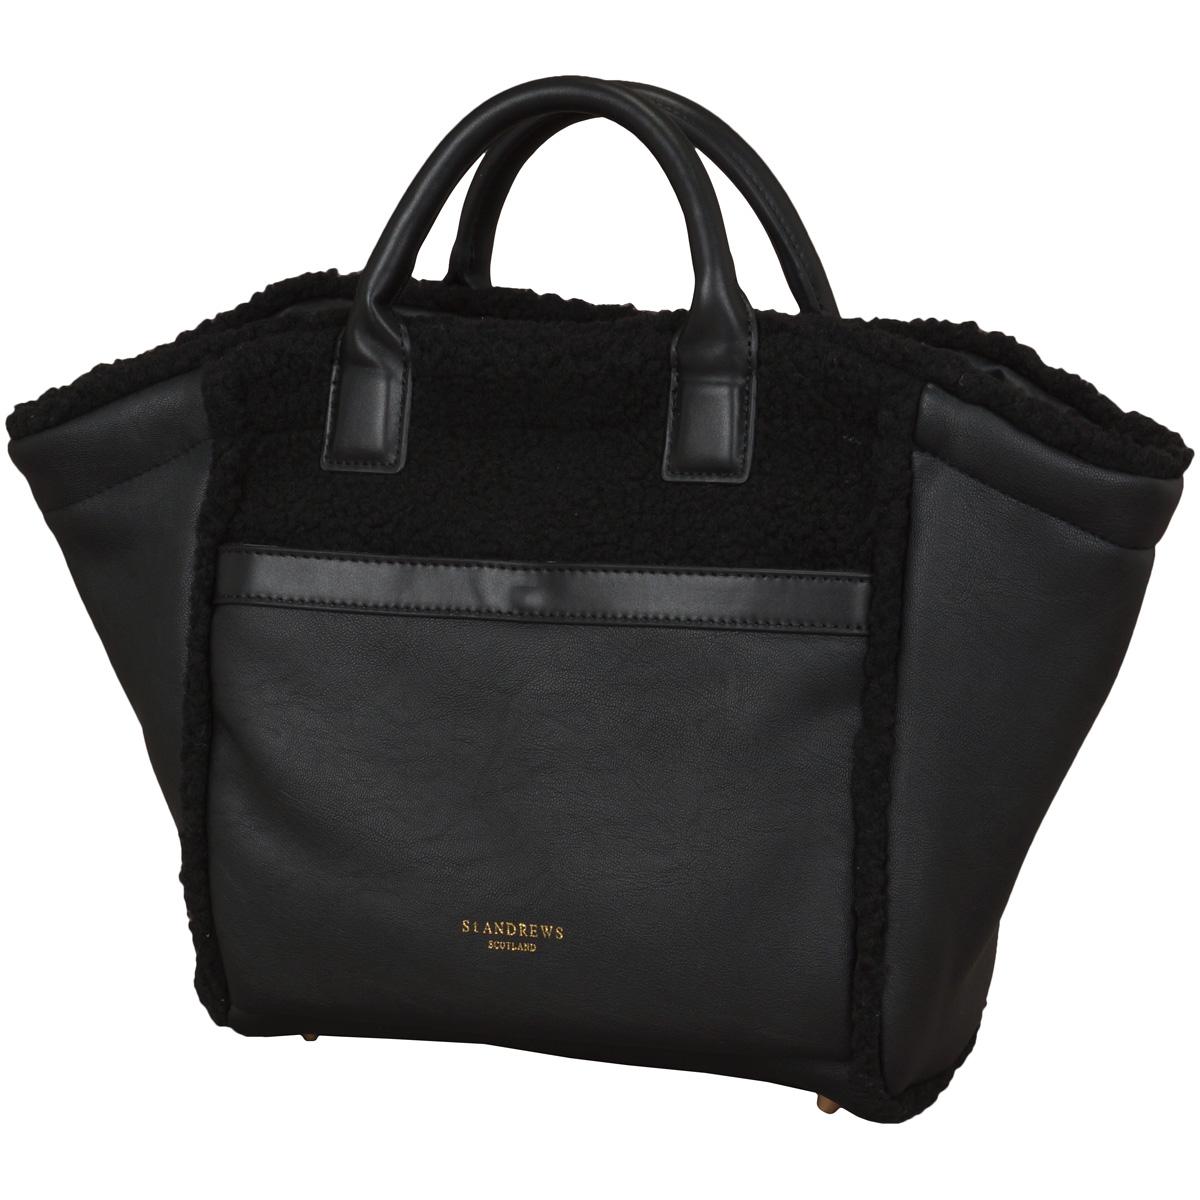 BlackLabel フェイクムートンカートバッグ